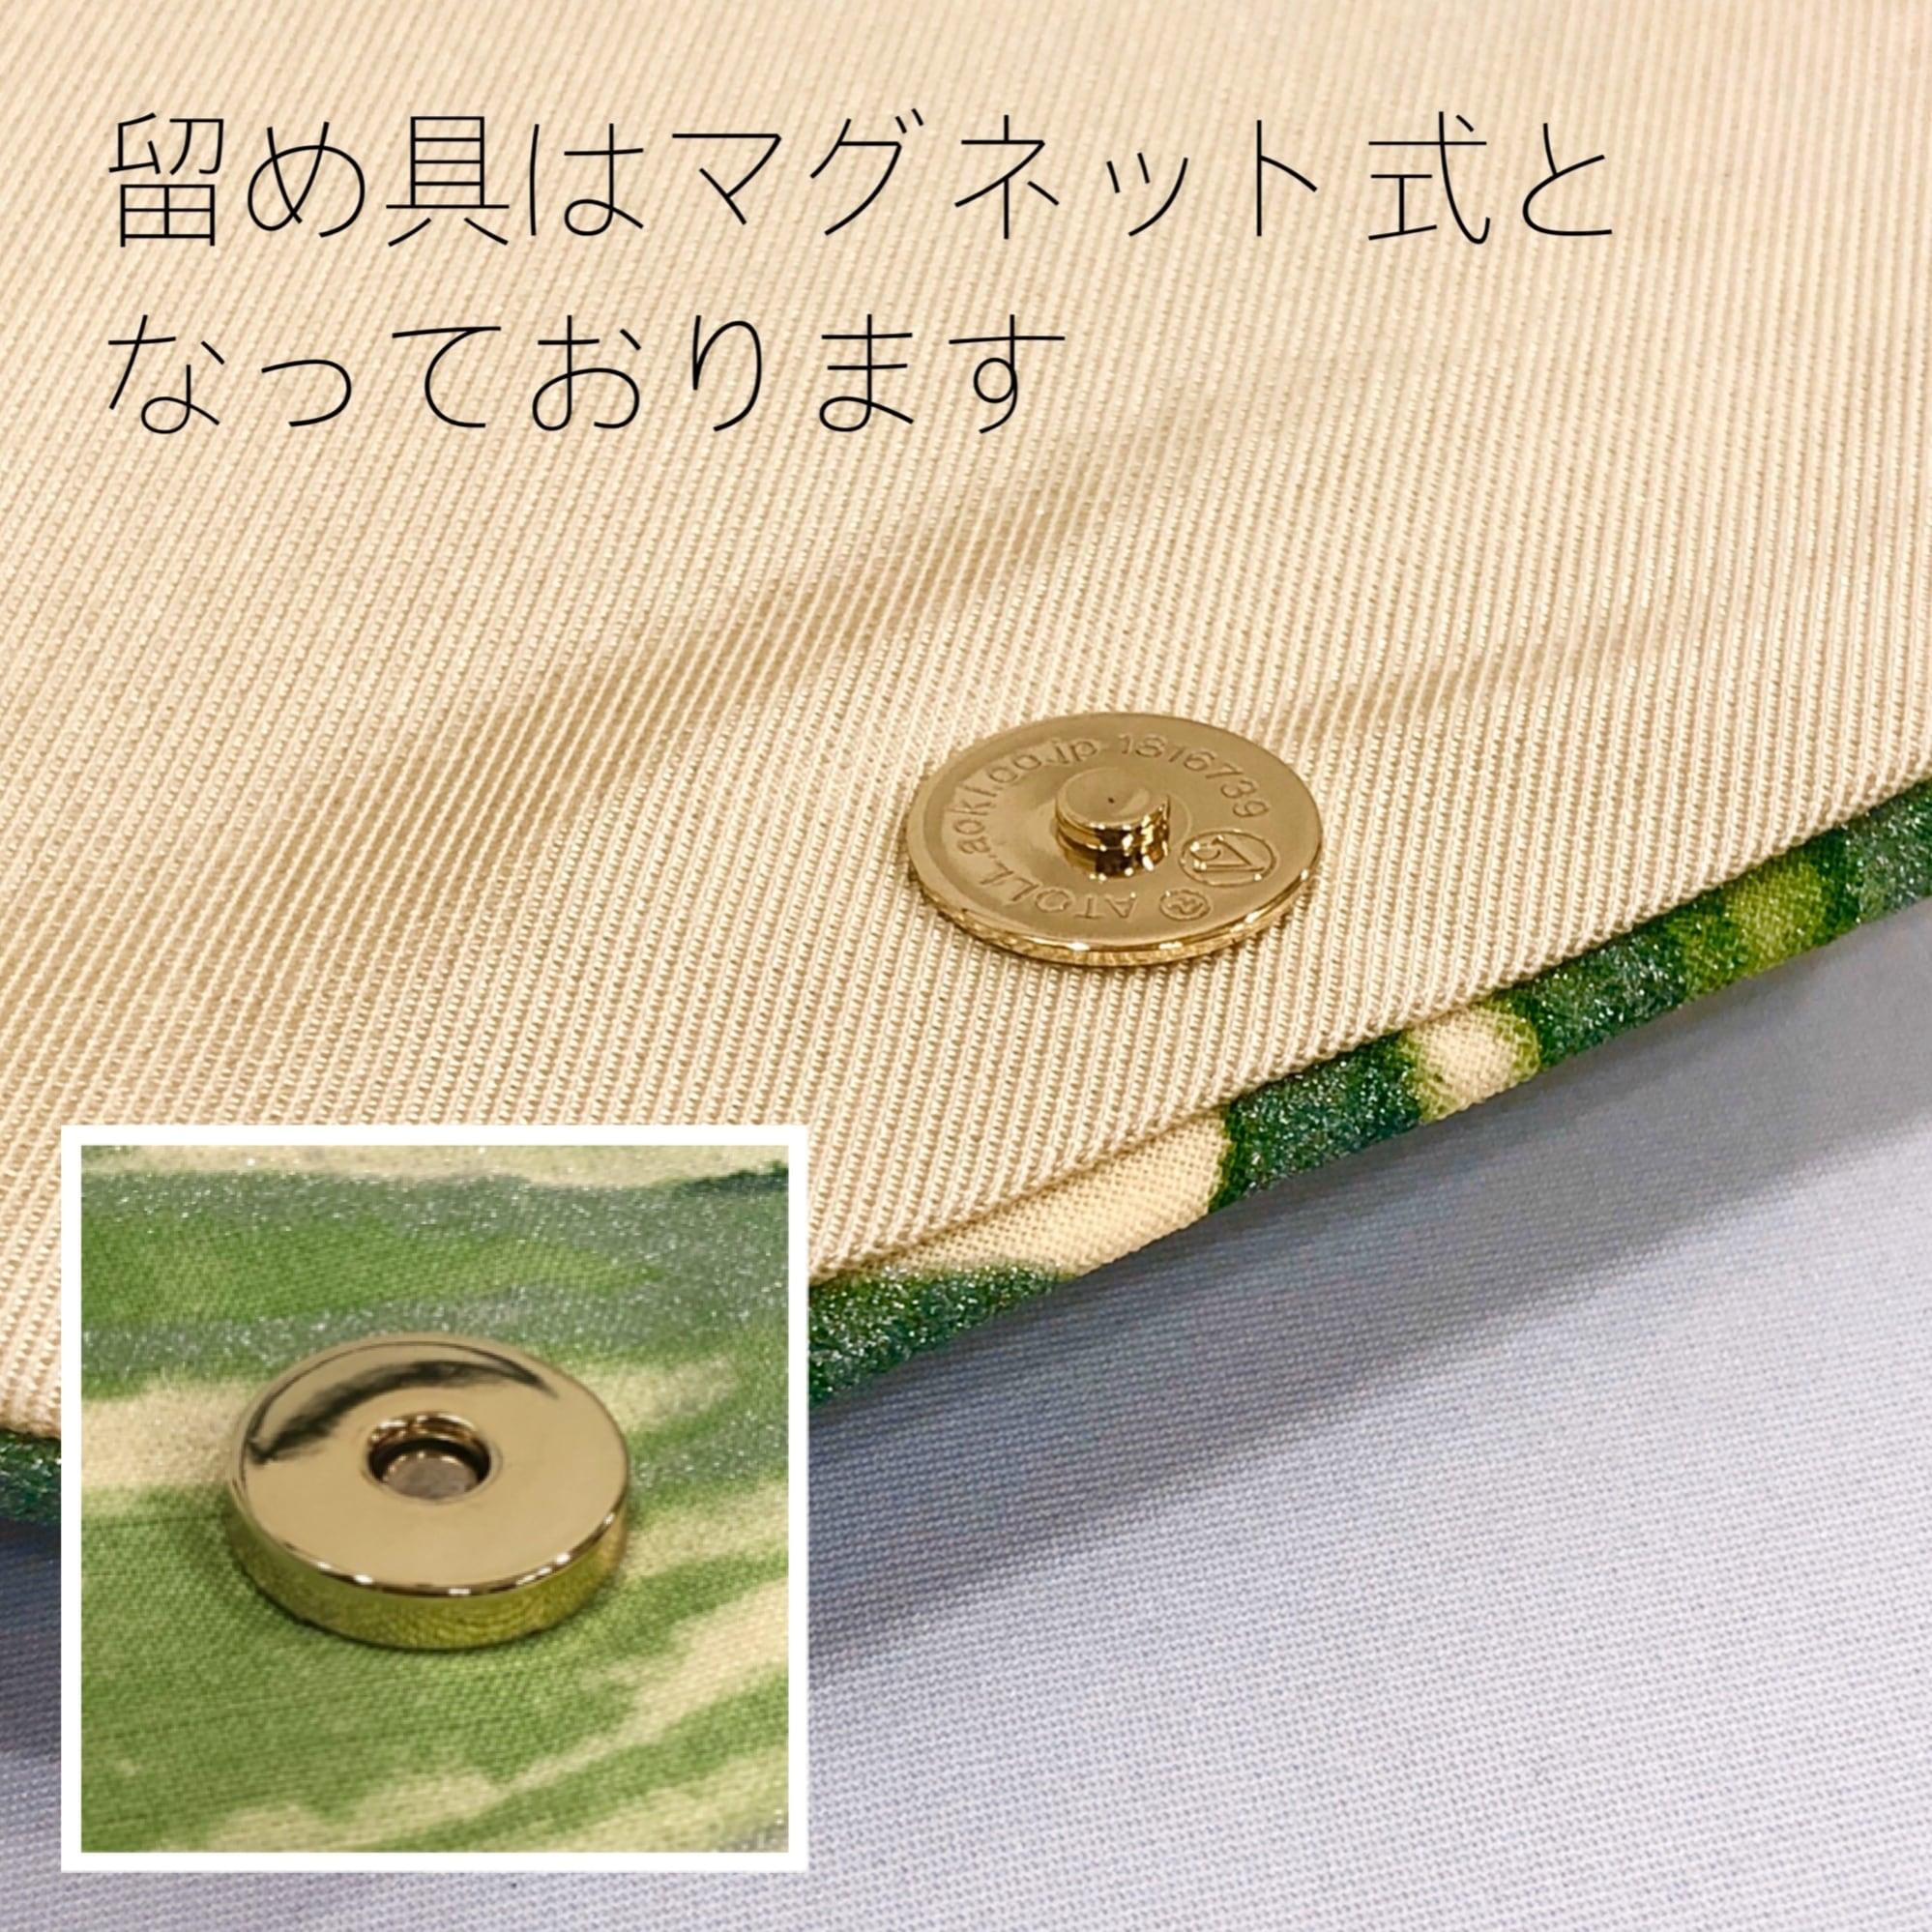 【限定品】数寄屋袋(西陣織・牡丹唐草柄/蓄光糸No.1)